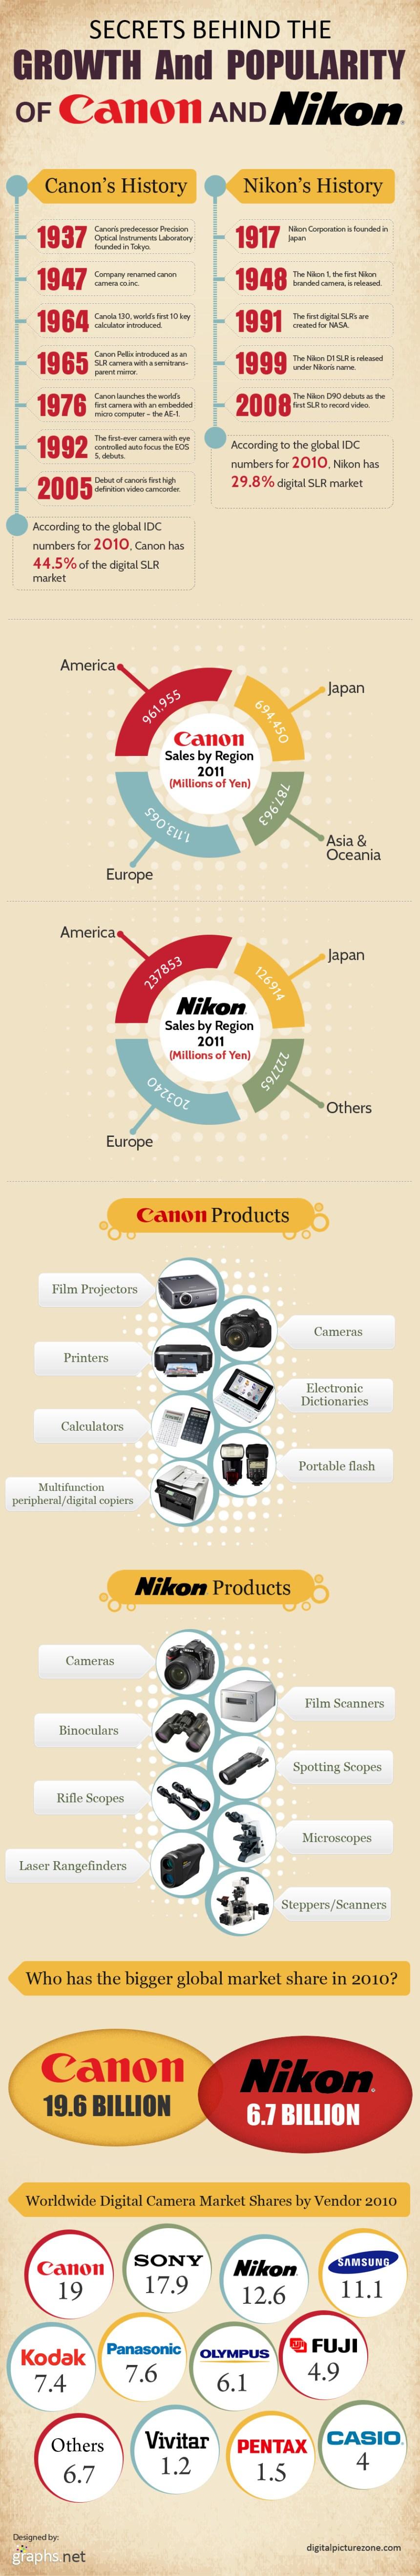 Los secretos del éxito de Nikon y Canon